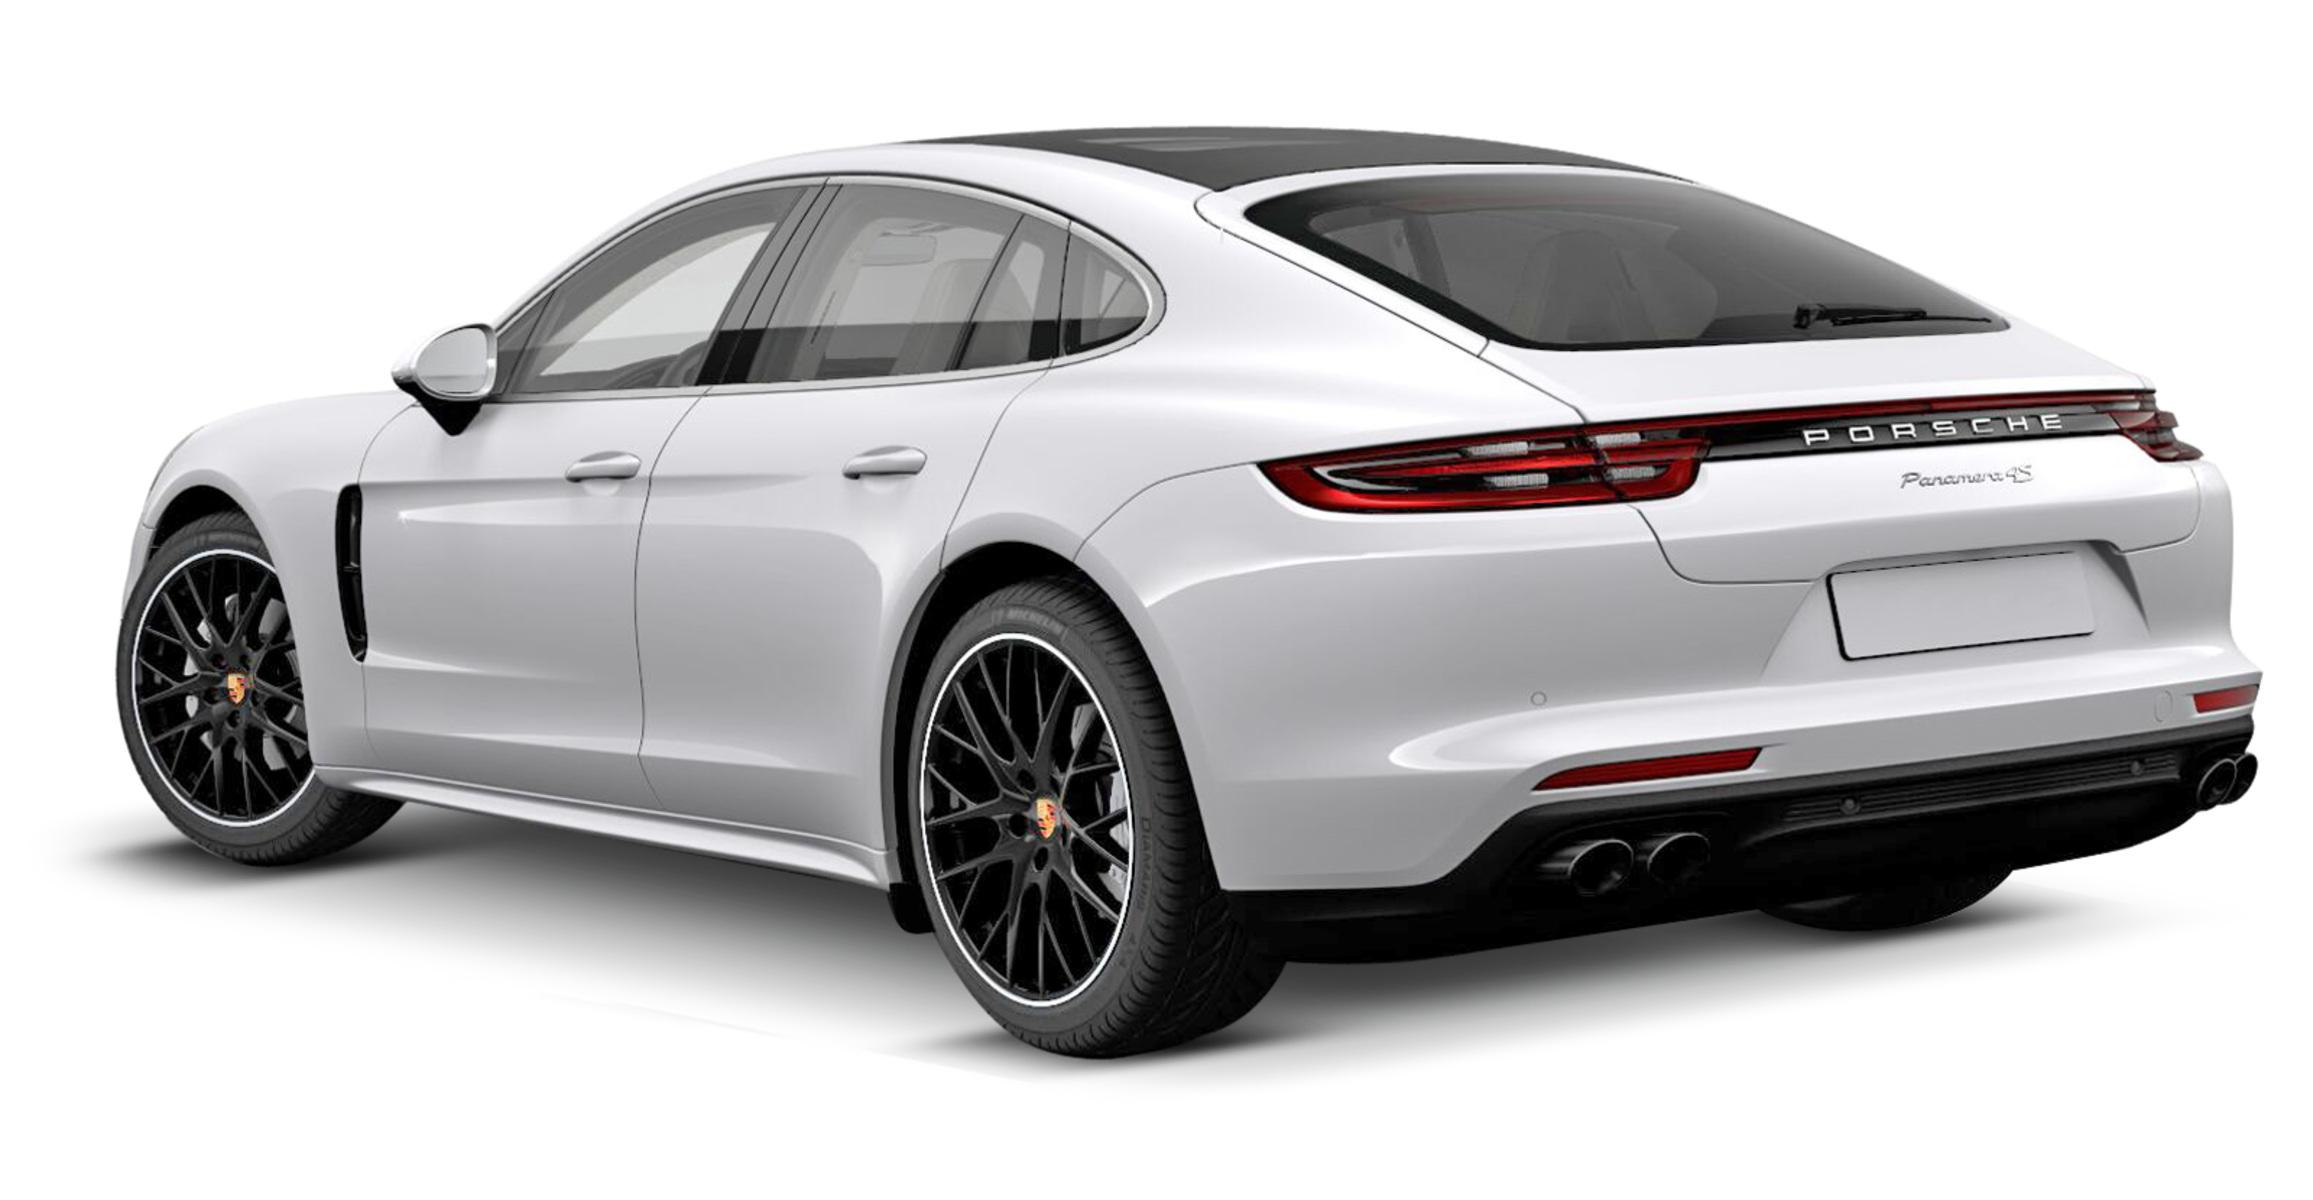 Listino Porsche Panamera Prezzo Scheda Tecnica Consumi